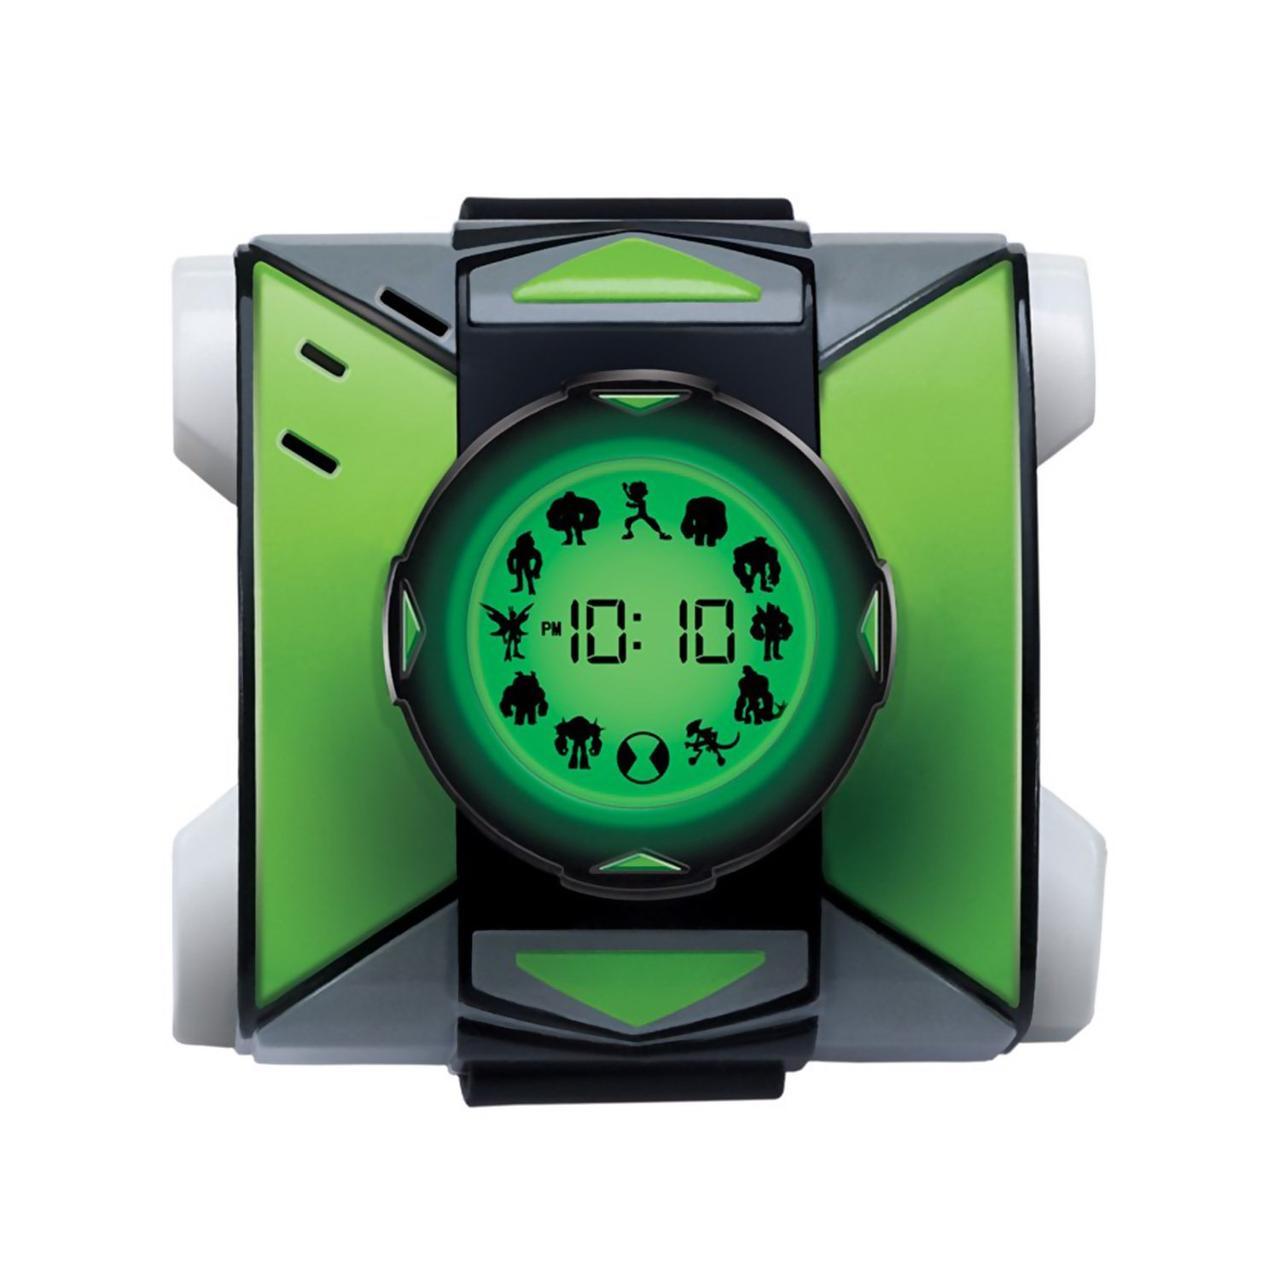 Ben 10 Детские электронные часы Бен 10 - Омнитрикс